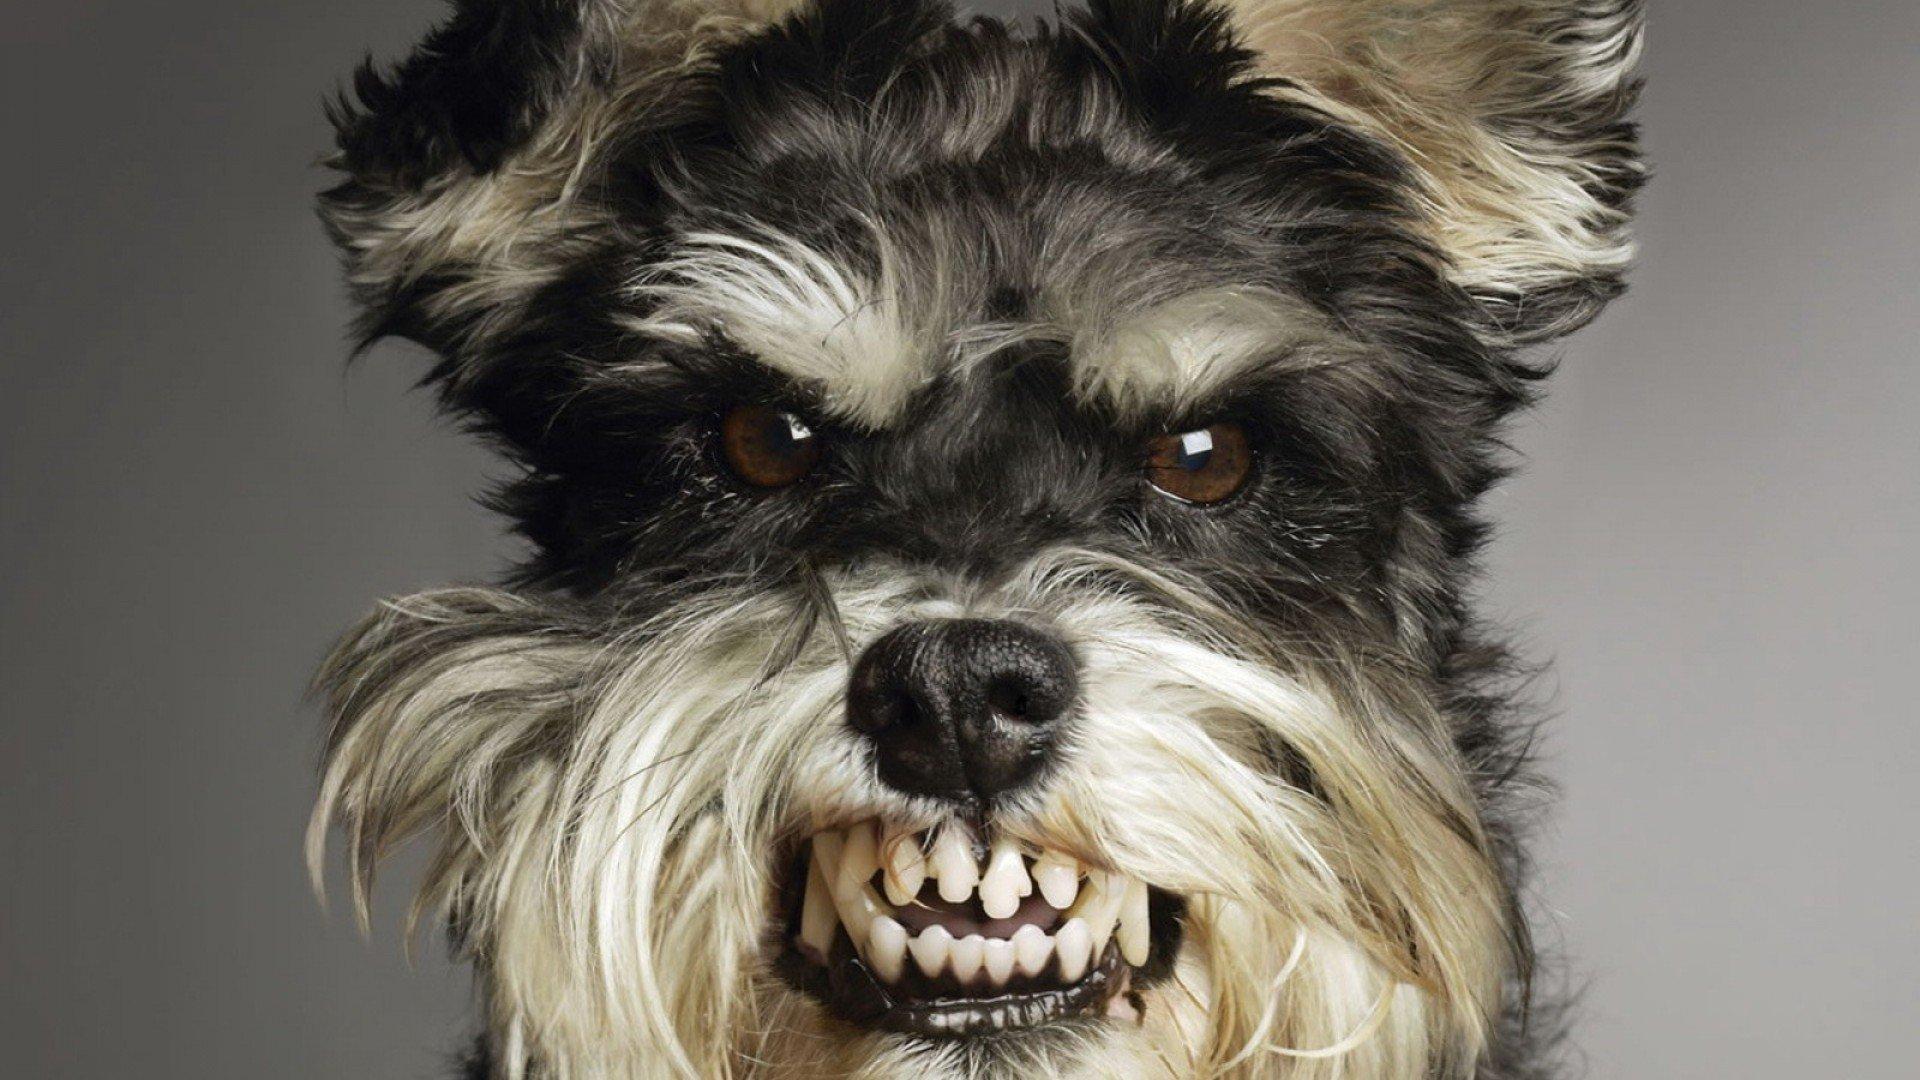 Angry dog photo